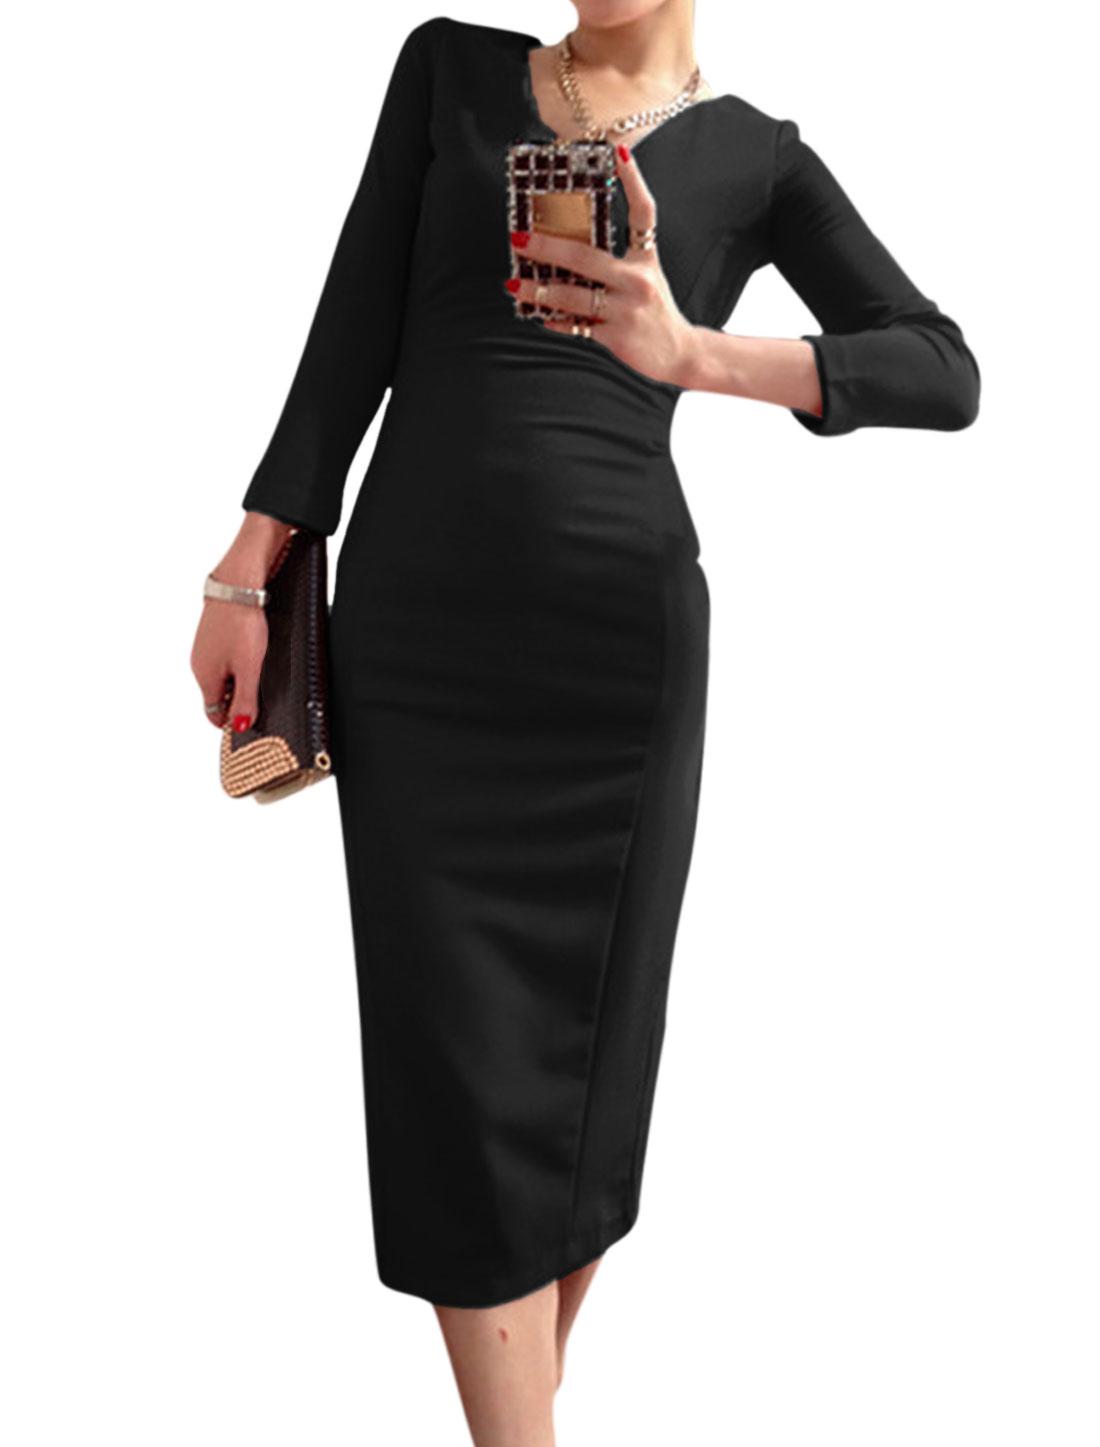 V Neck 3/4 Sleeves Elegant Dress for Women Black S